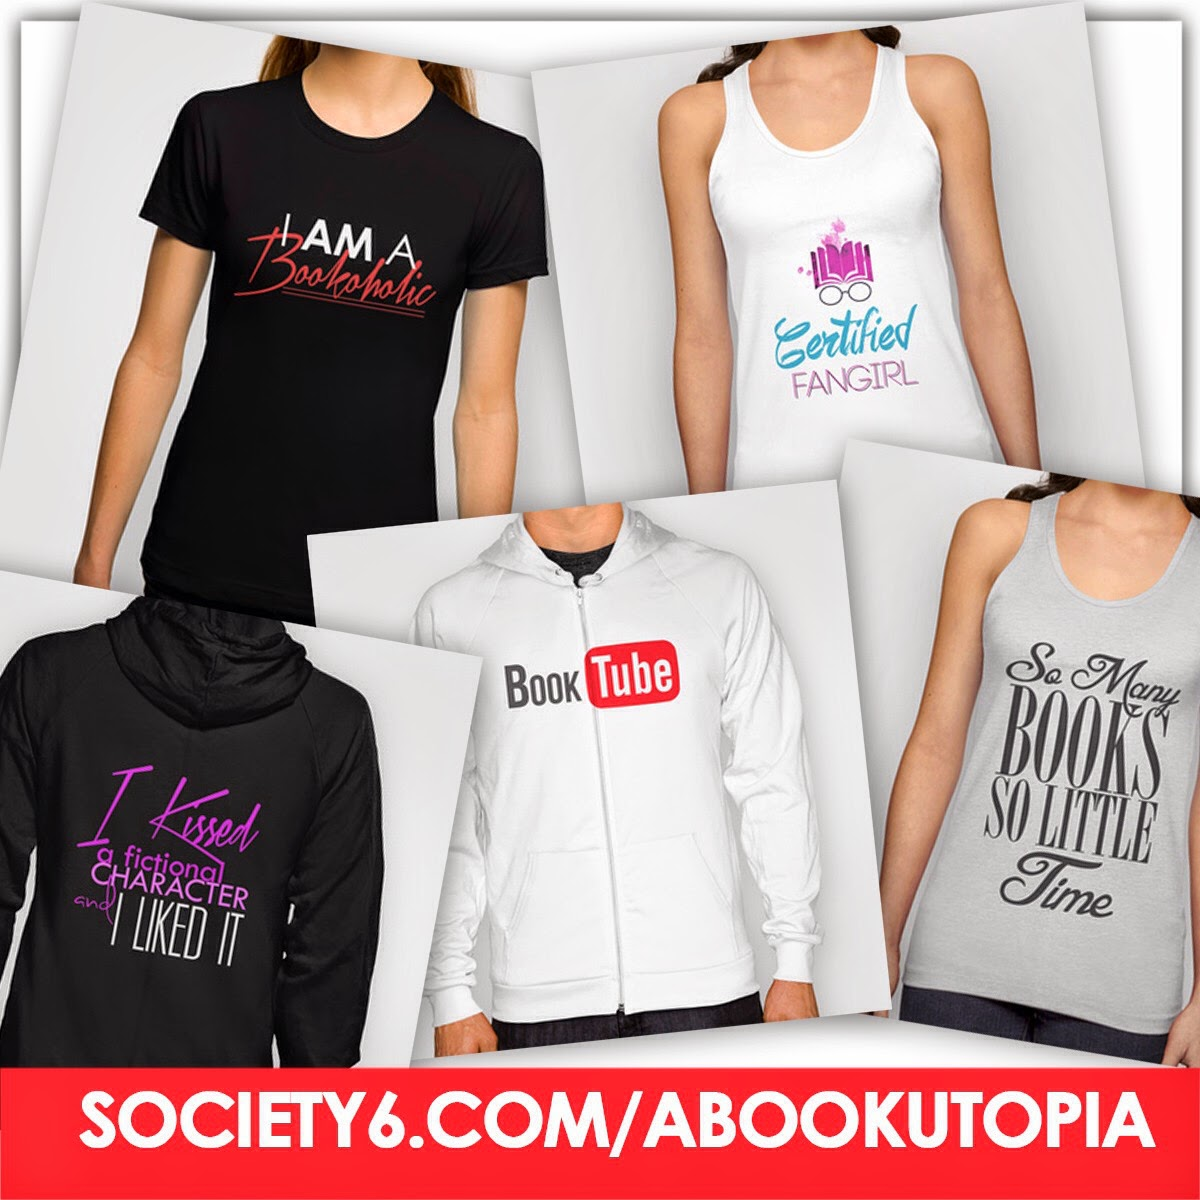 My Merchandise!